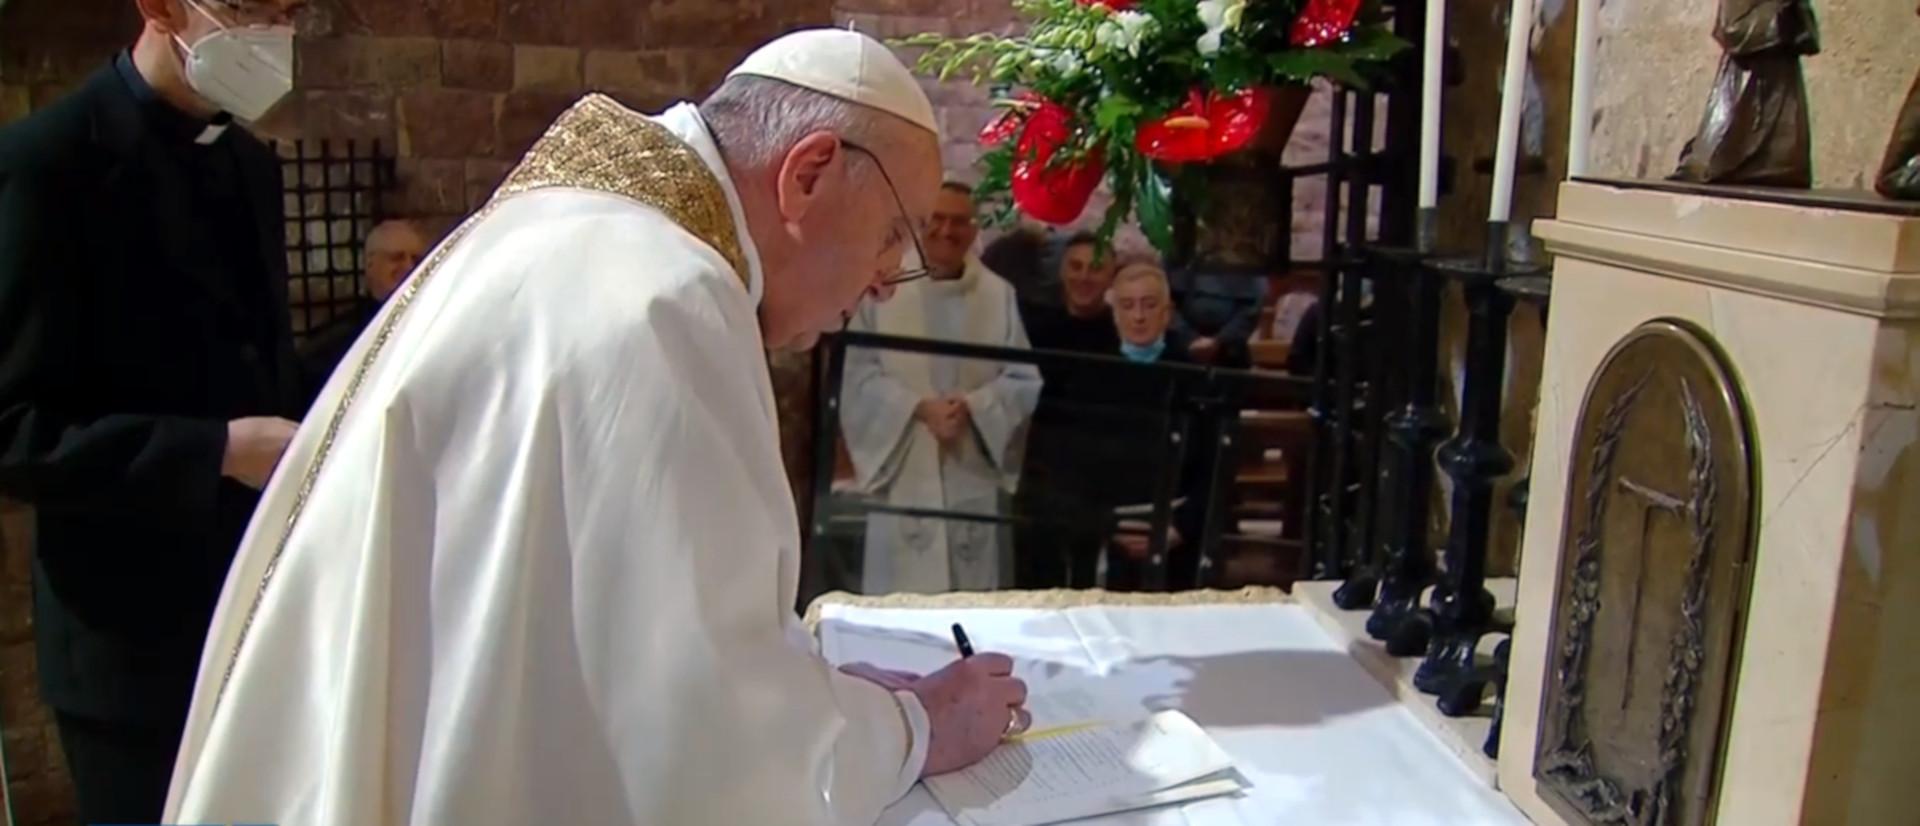 Papst Franziskus unterzeichnet die Enzyklika «Fratelli tutti».